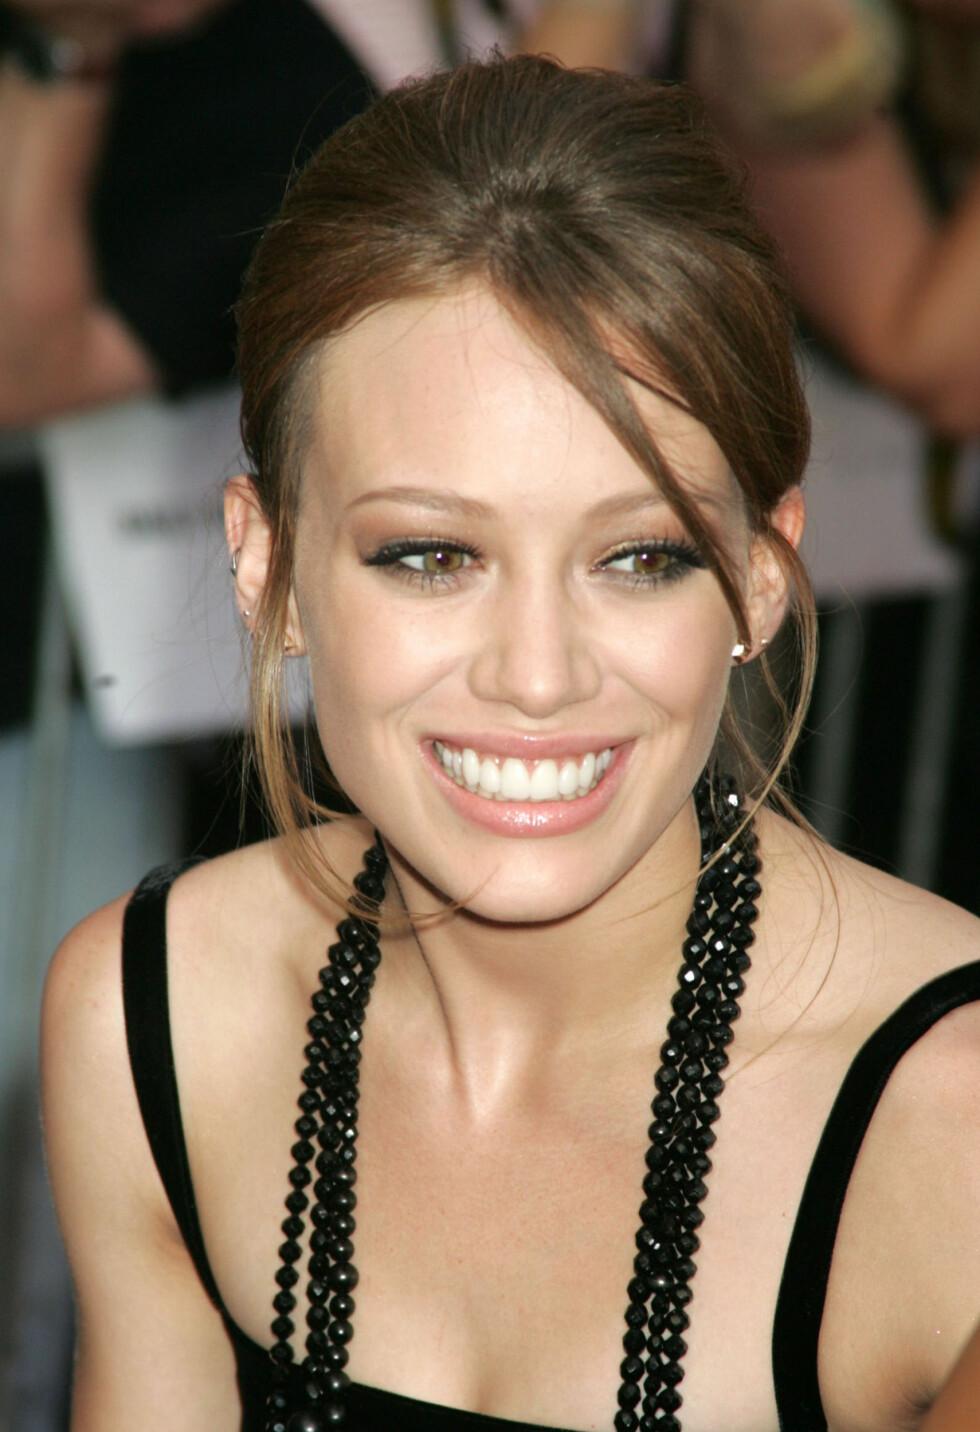 I 2006: Hilary slet med muskelkramper grunnet underernæring da hun var på sitt tynneste. På «Material Girls»-premieren i august 2006 virket TV-stjernens øyne og munn svært fremtredende i det smale ansiktet hennes. Foto: Stella Pictures